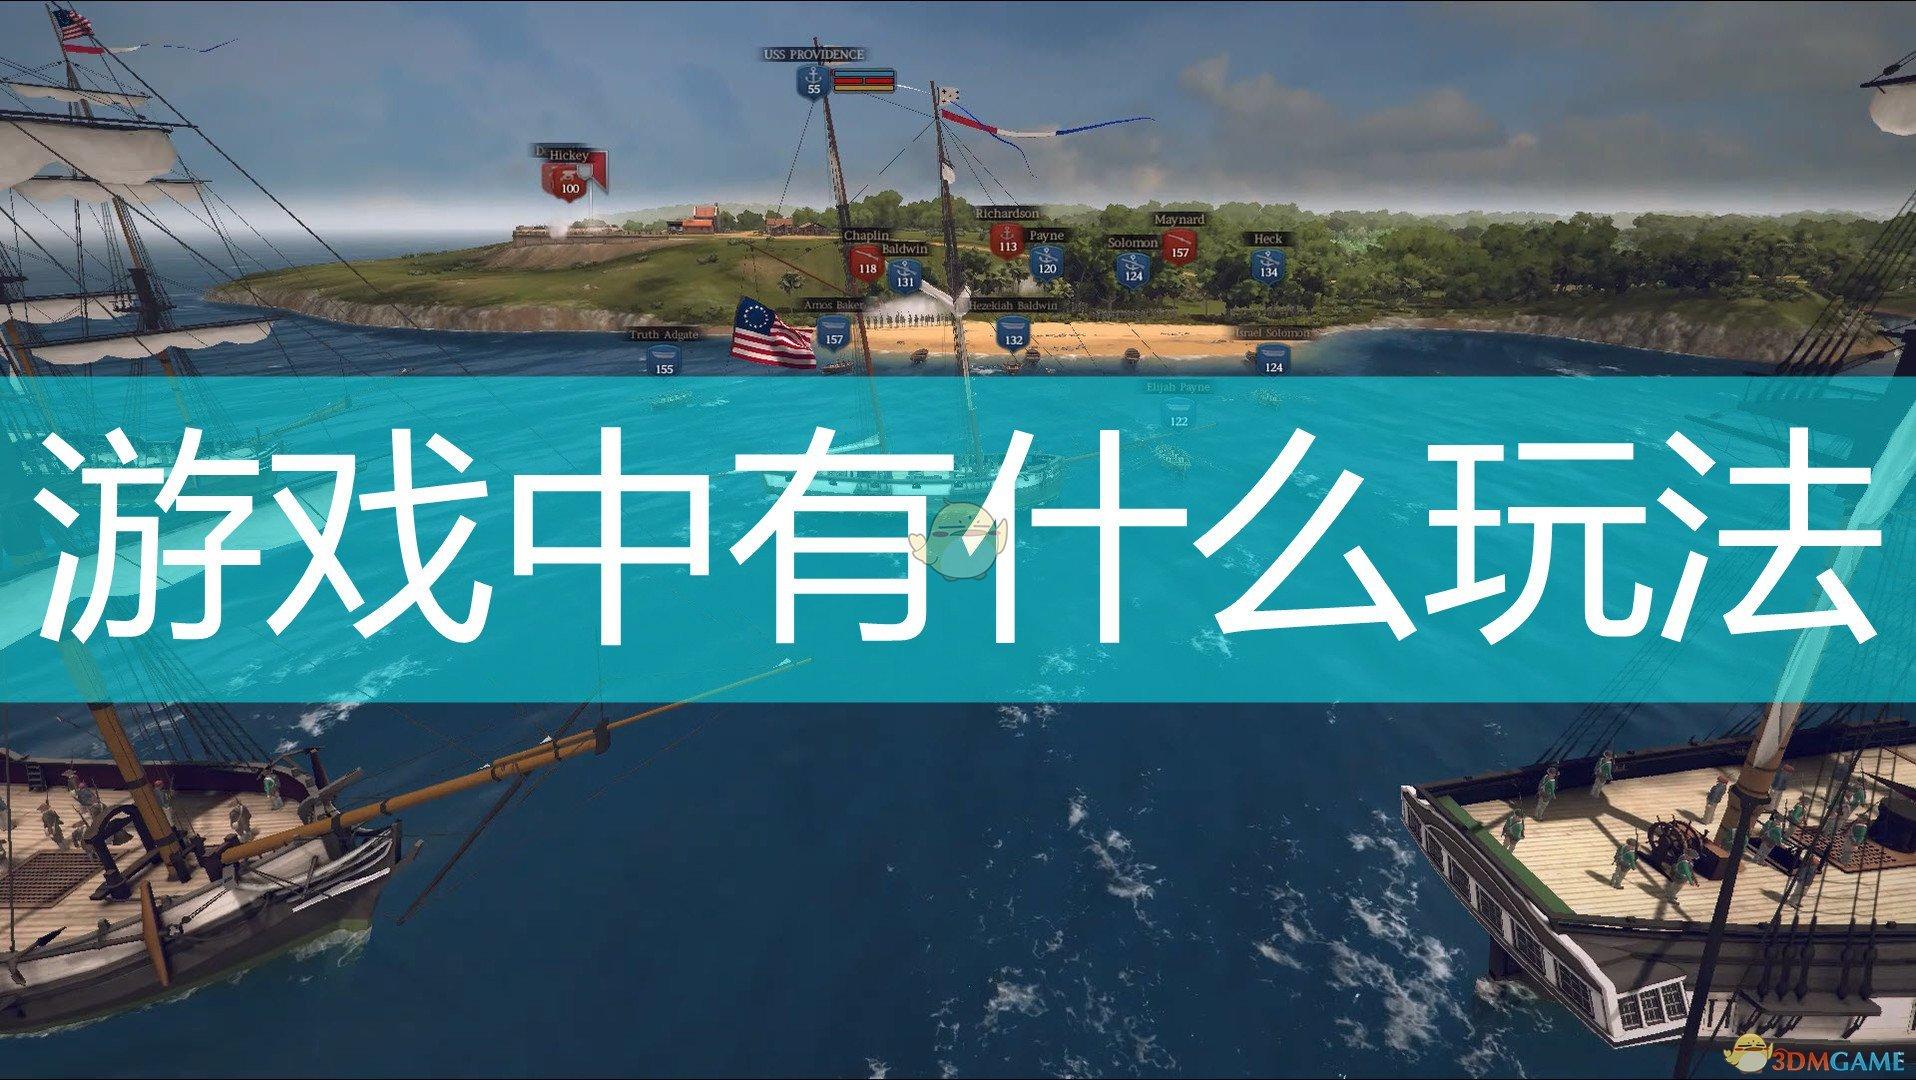 《终极提督:航海时代》游戏玩法介绍